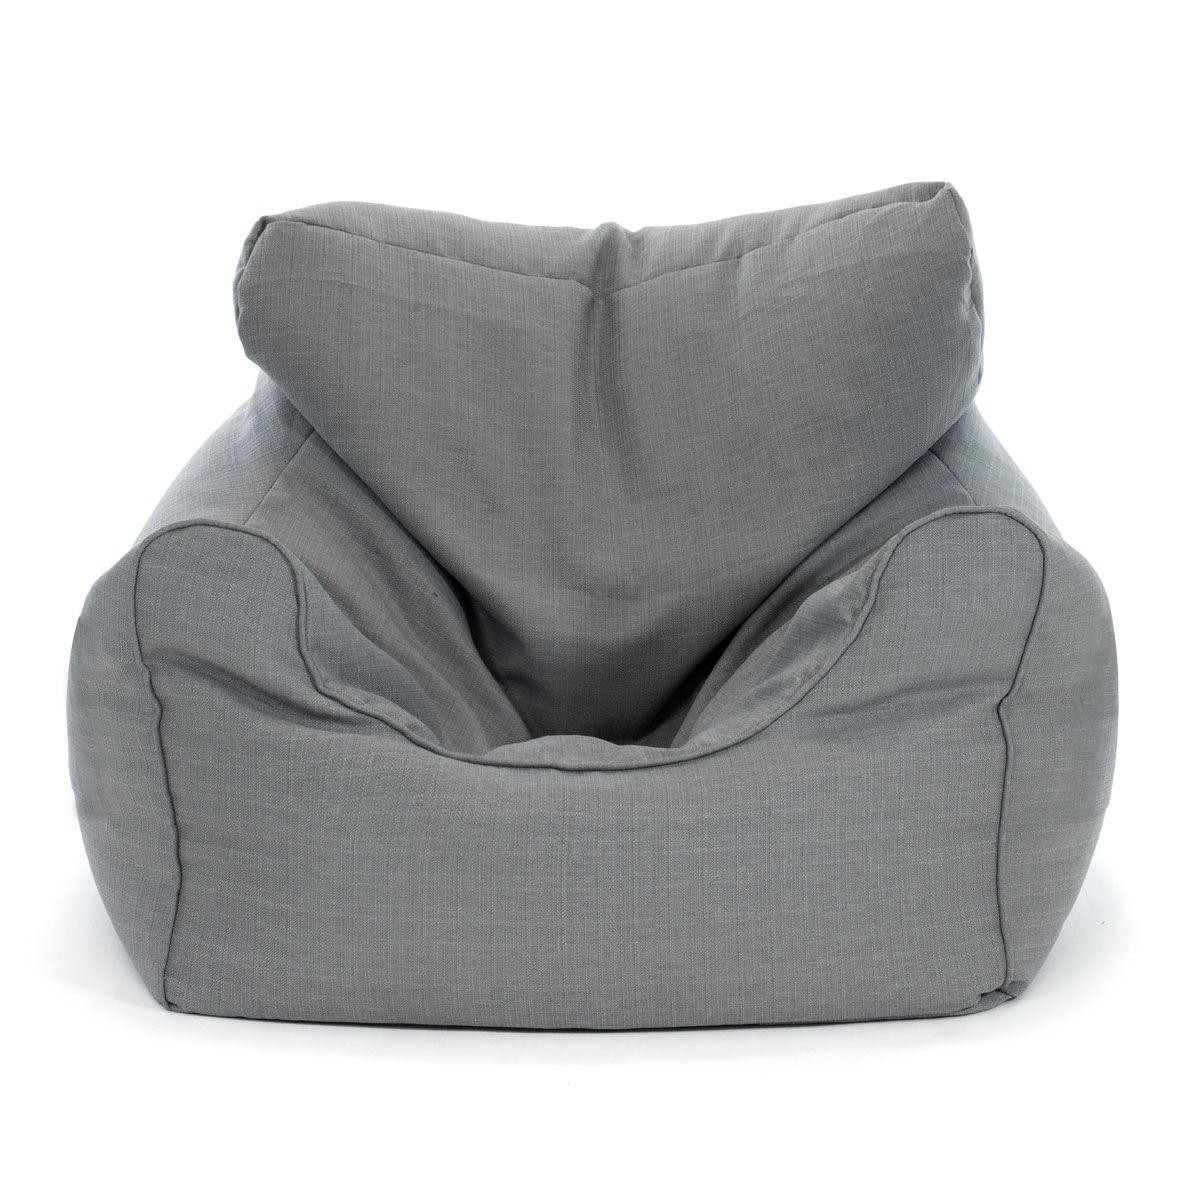 Extra Large Grey Bean Bag Chair Grey Bean Bags Bean Bag Chair